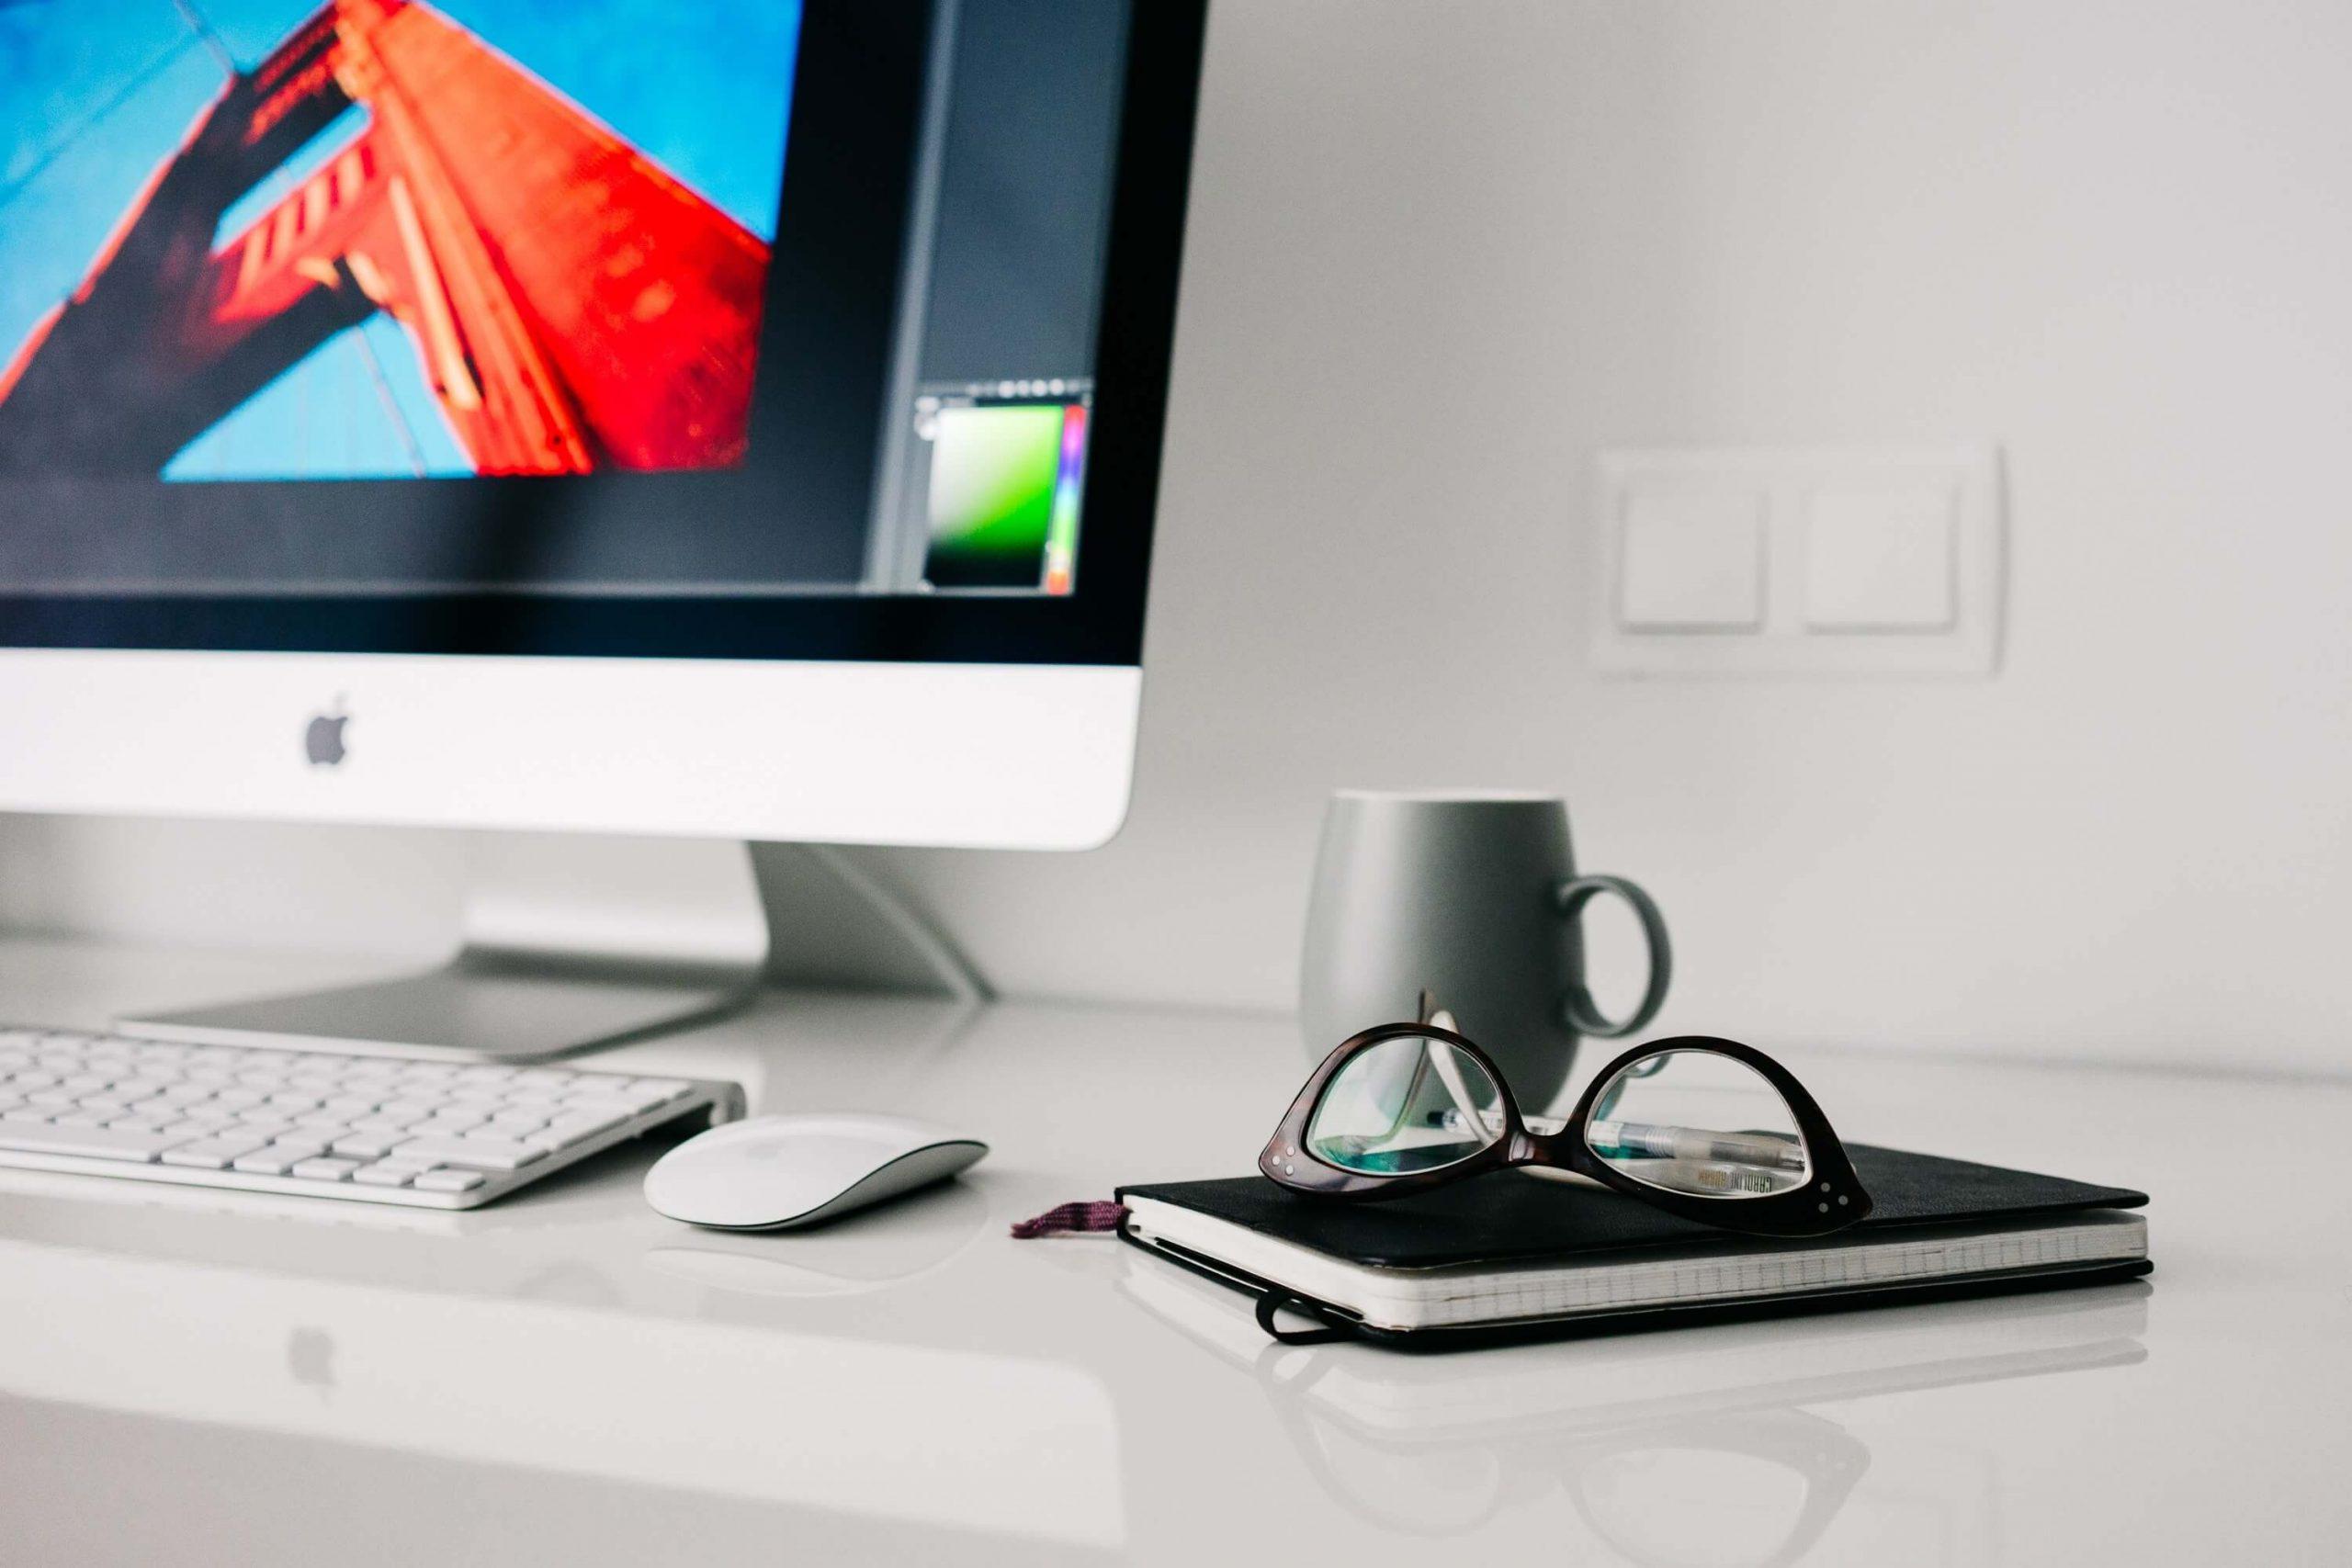 Moderner PC-Arbeitsplatz mit Brille